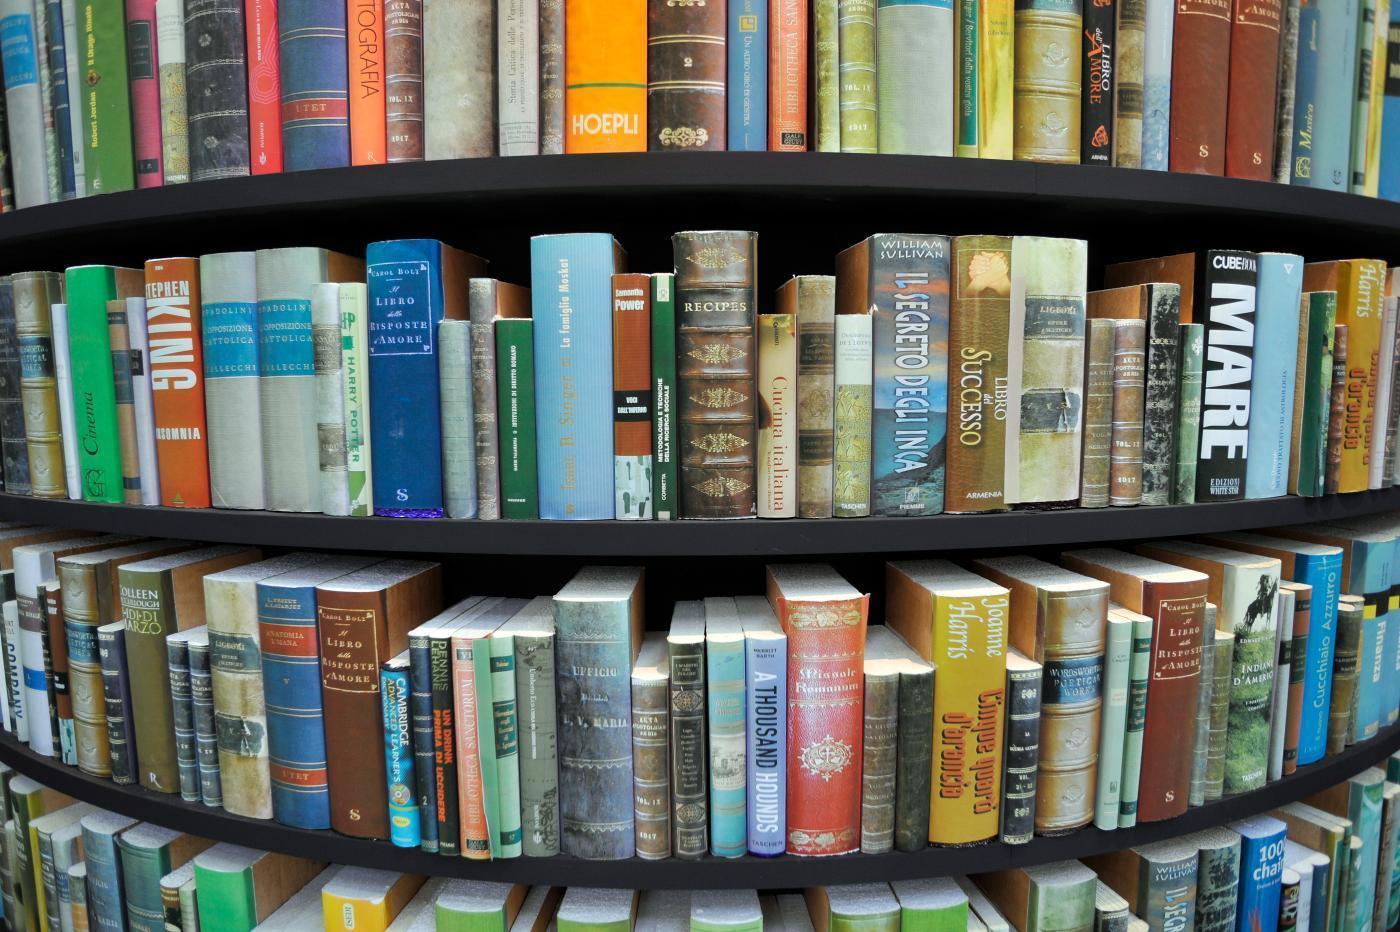 I libri più venduti della settimana: classifica dal 21 luglio 2014 al 27